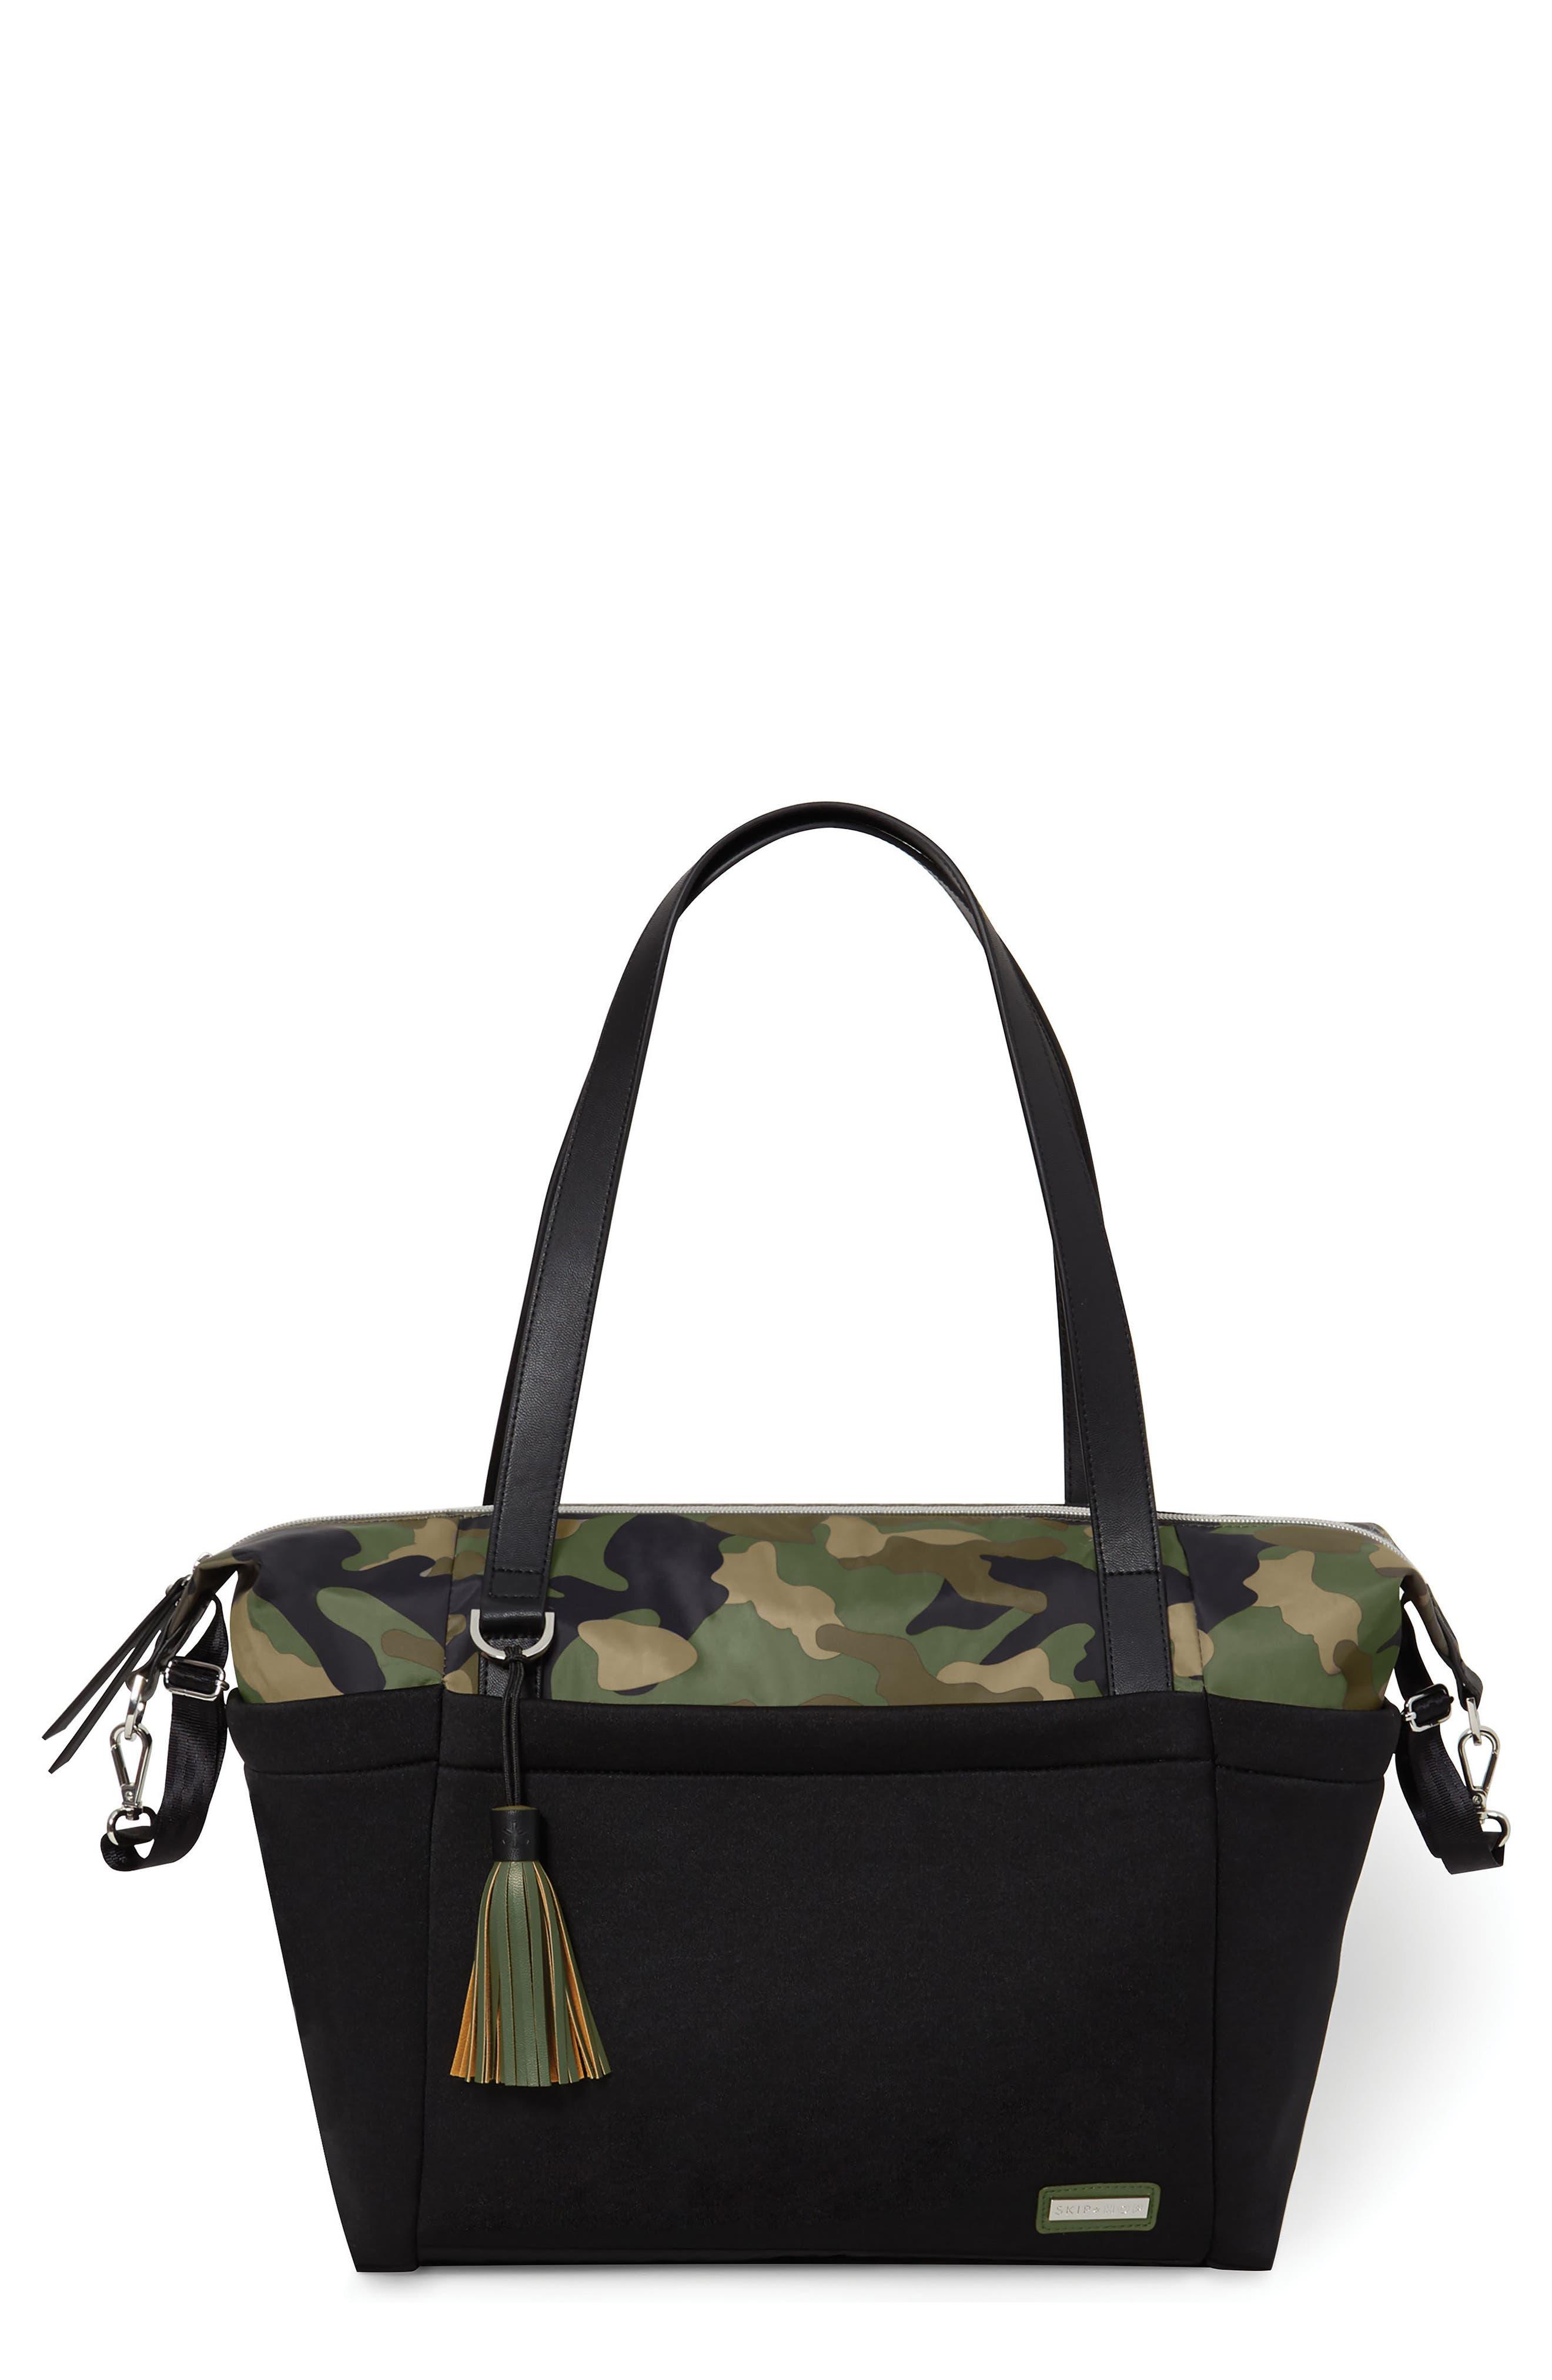 Alternate Image 1 Selected - Skip Hop Nolita Diaper Bag